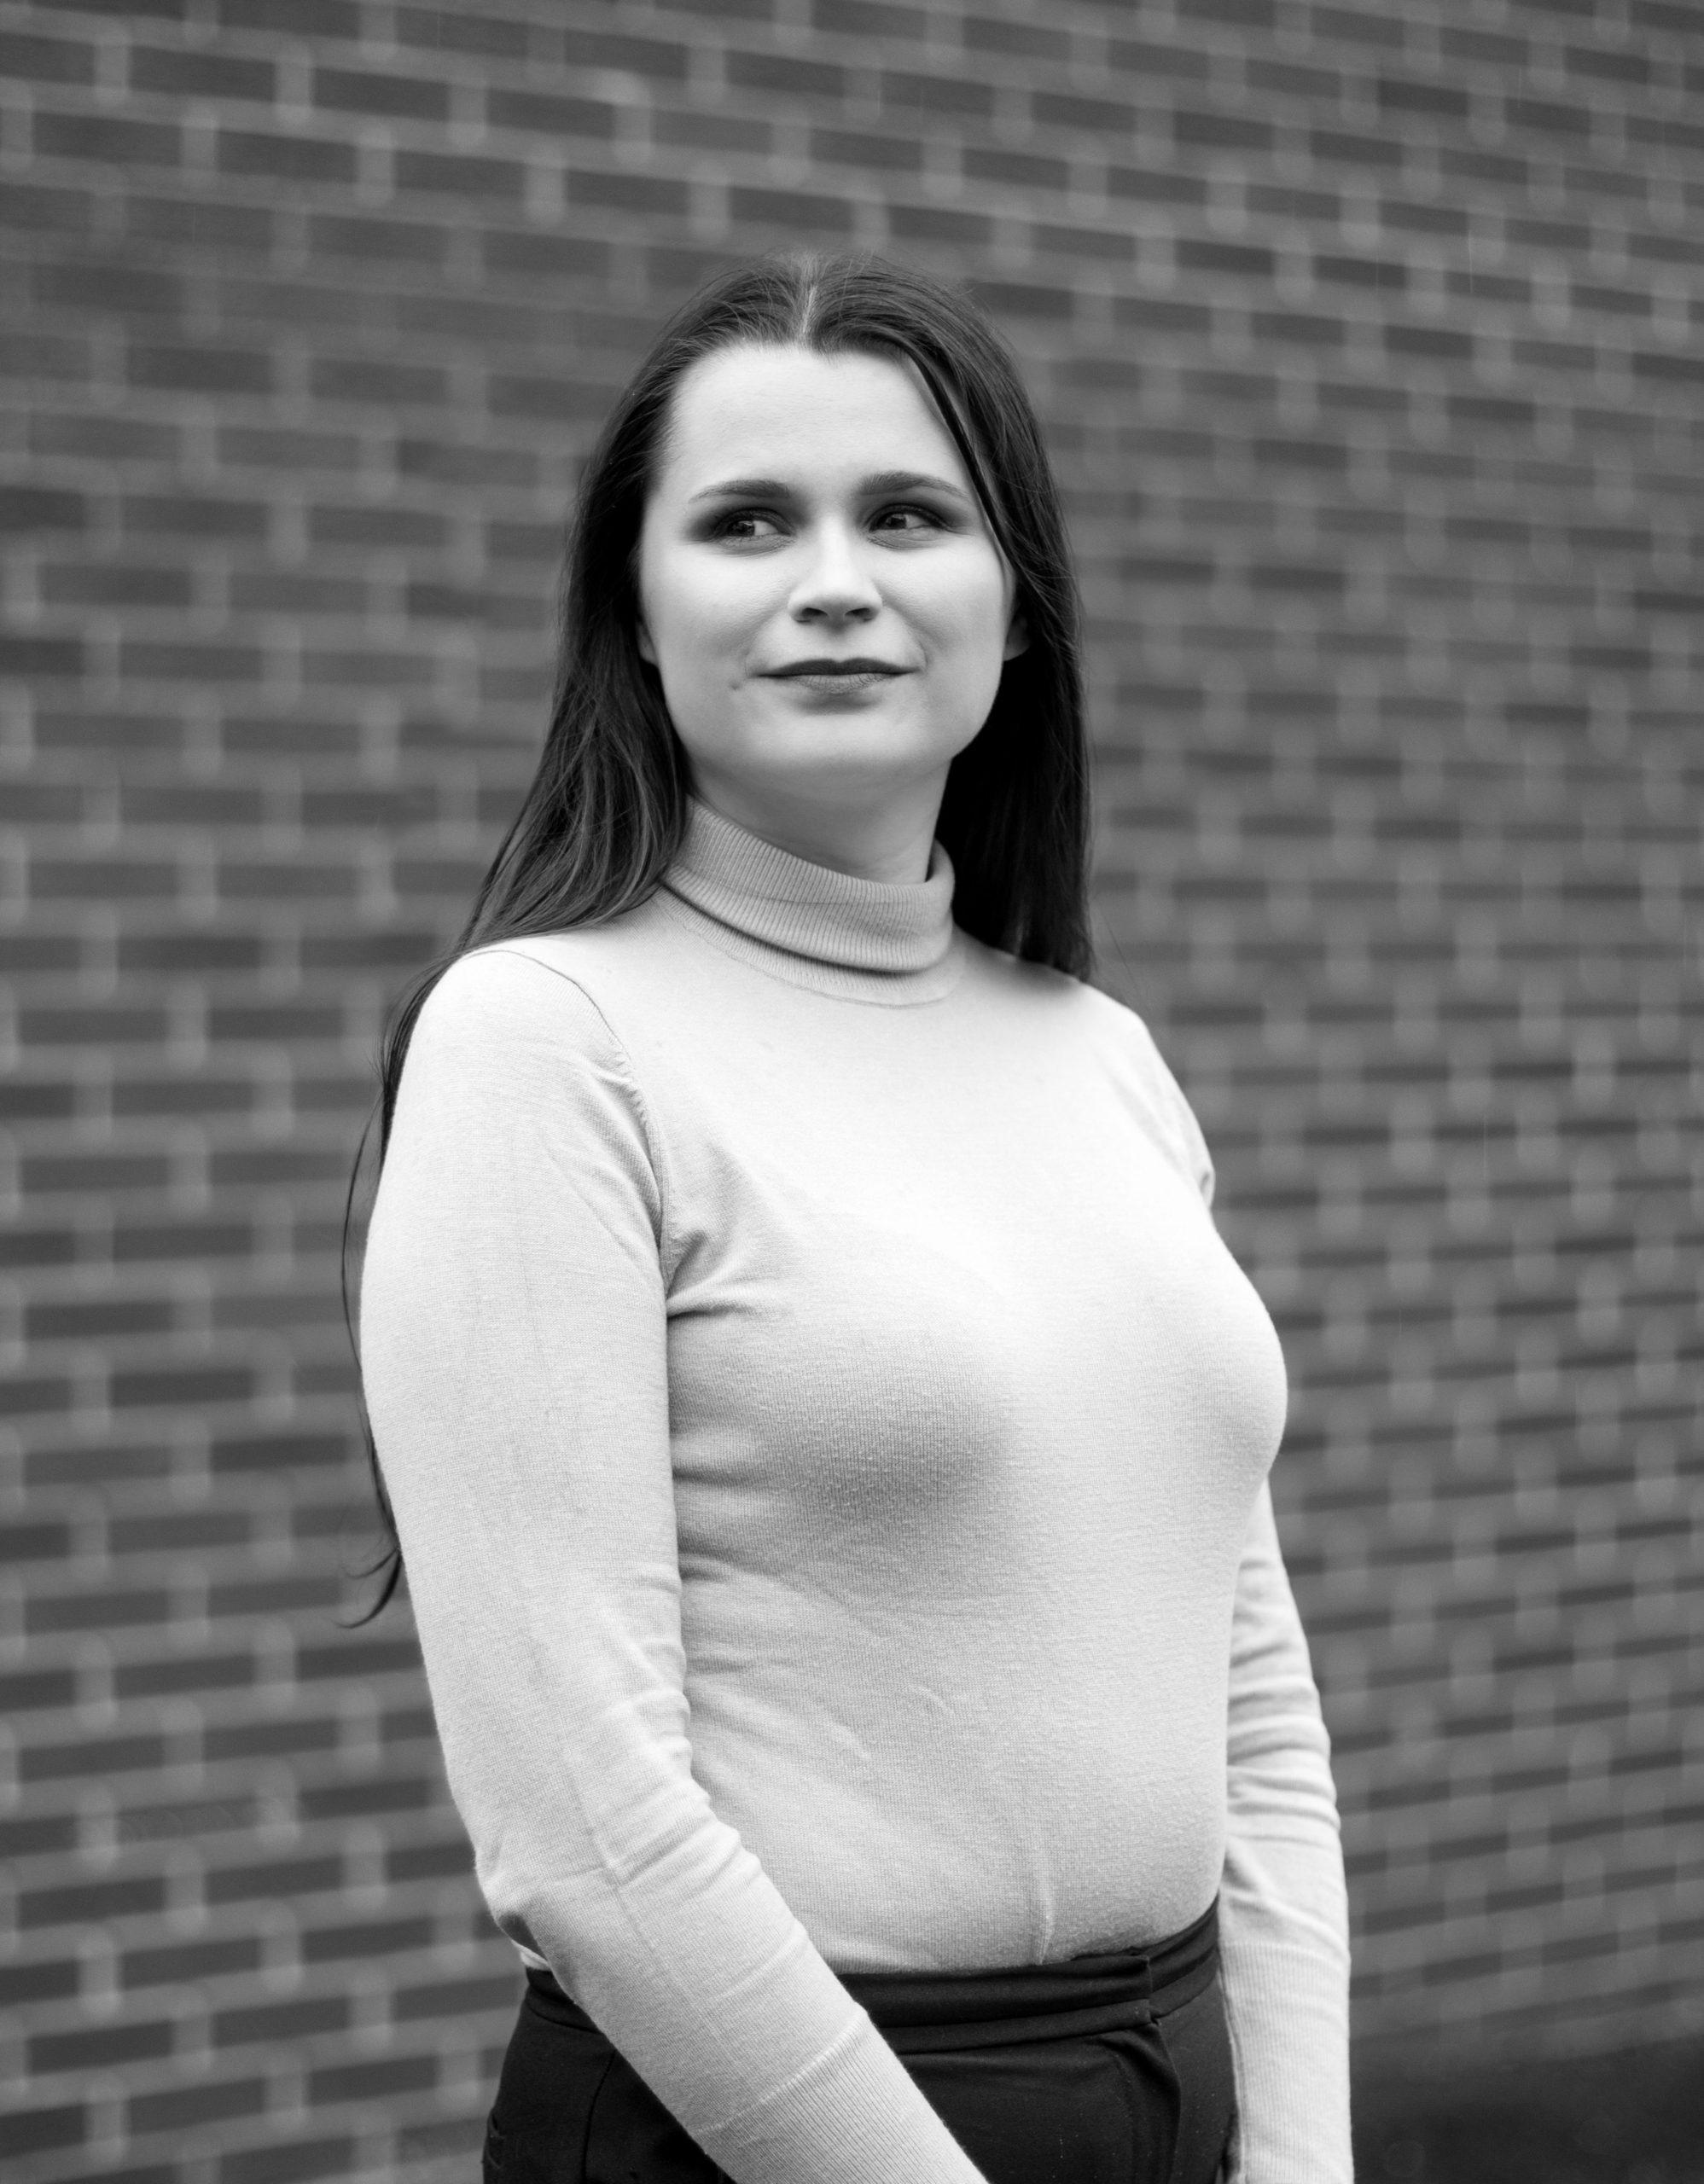 Claire Anderson - For Purpose